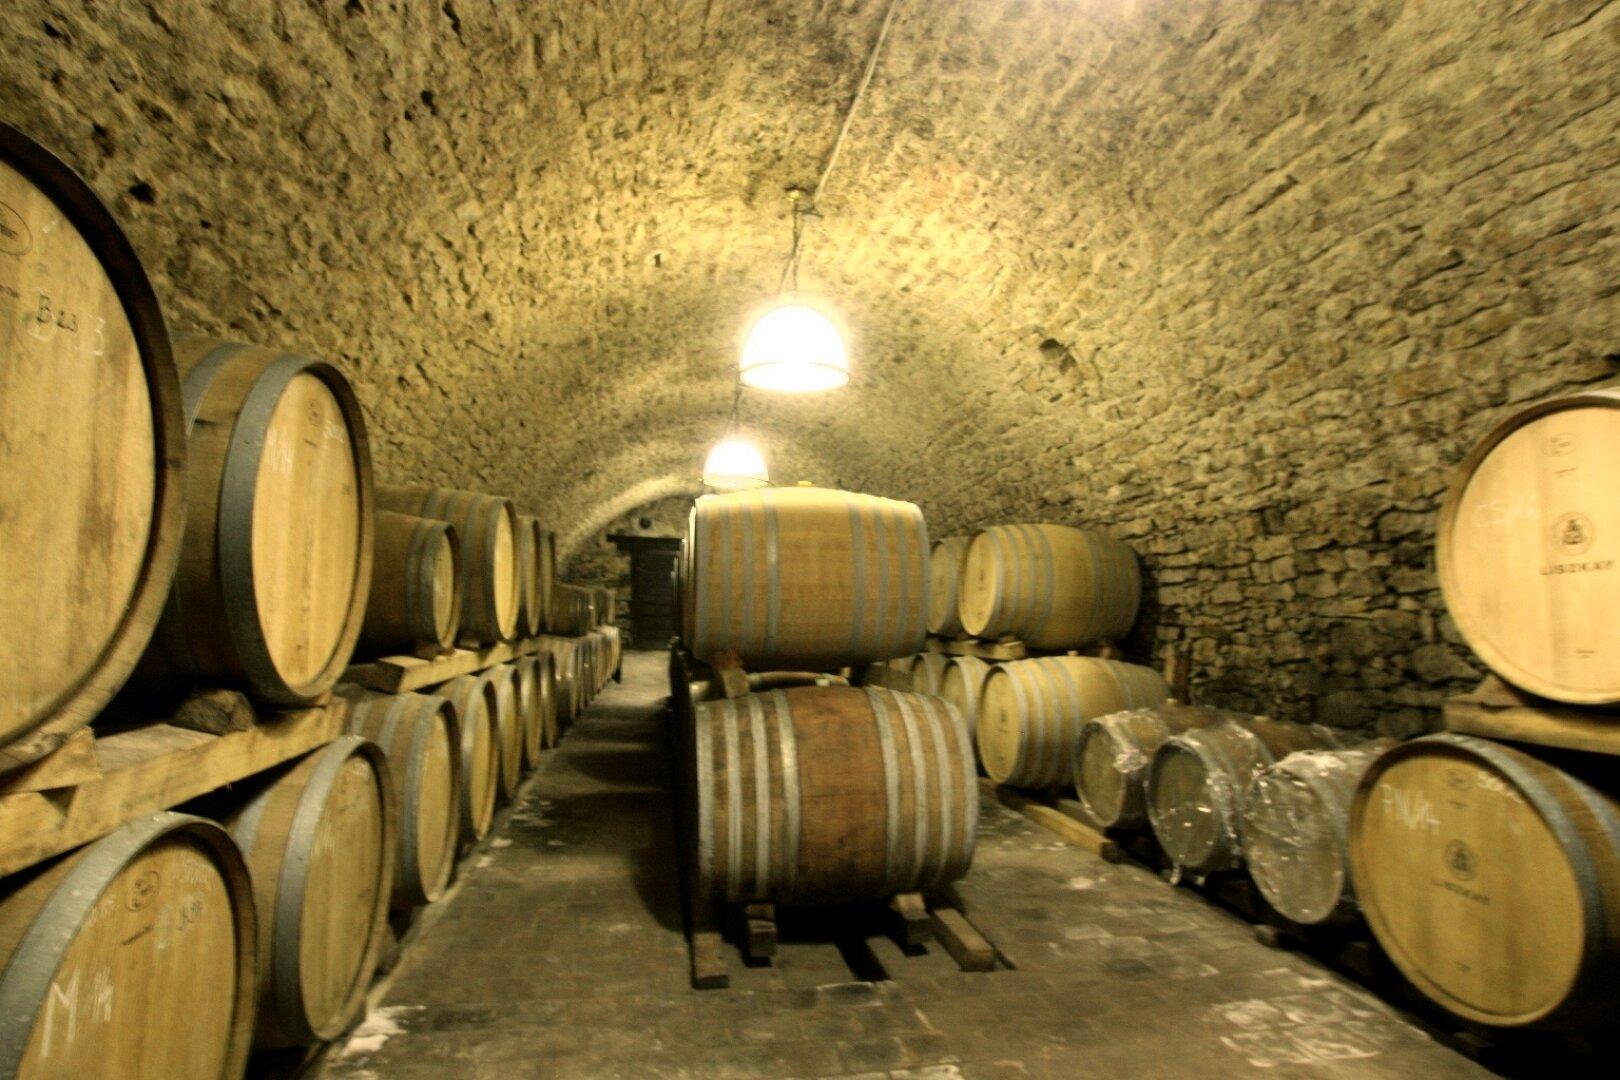 250 Jahre alter Weinkeller mit dem besten Wein